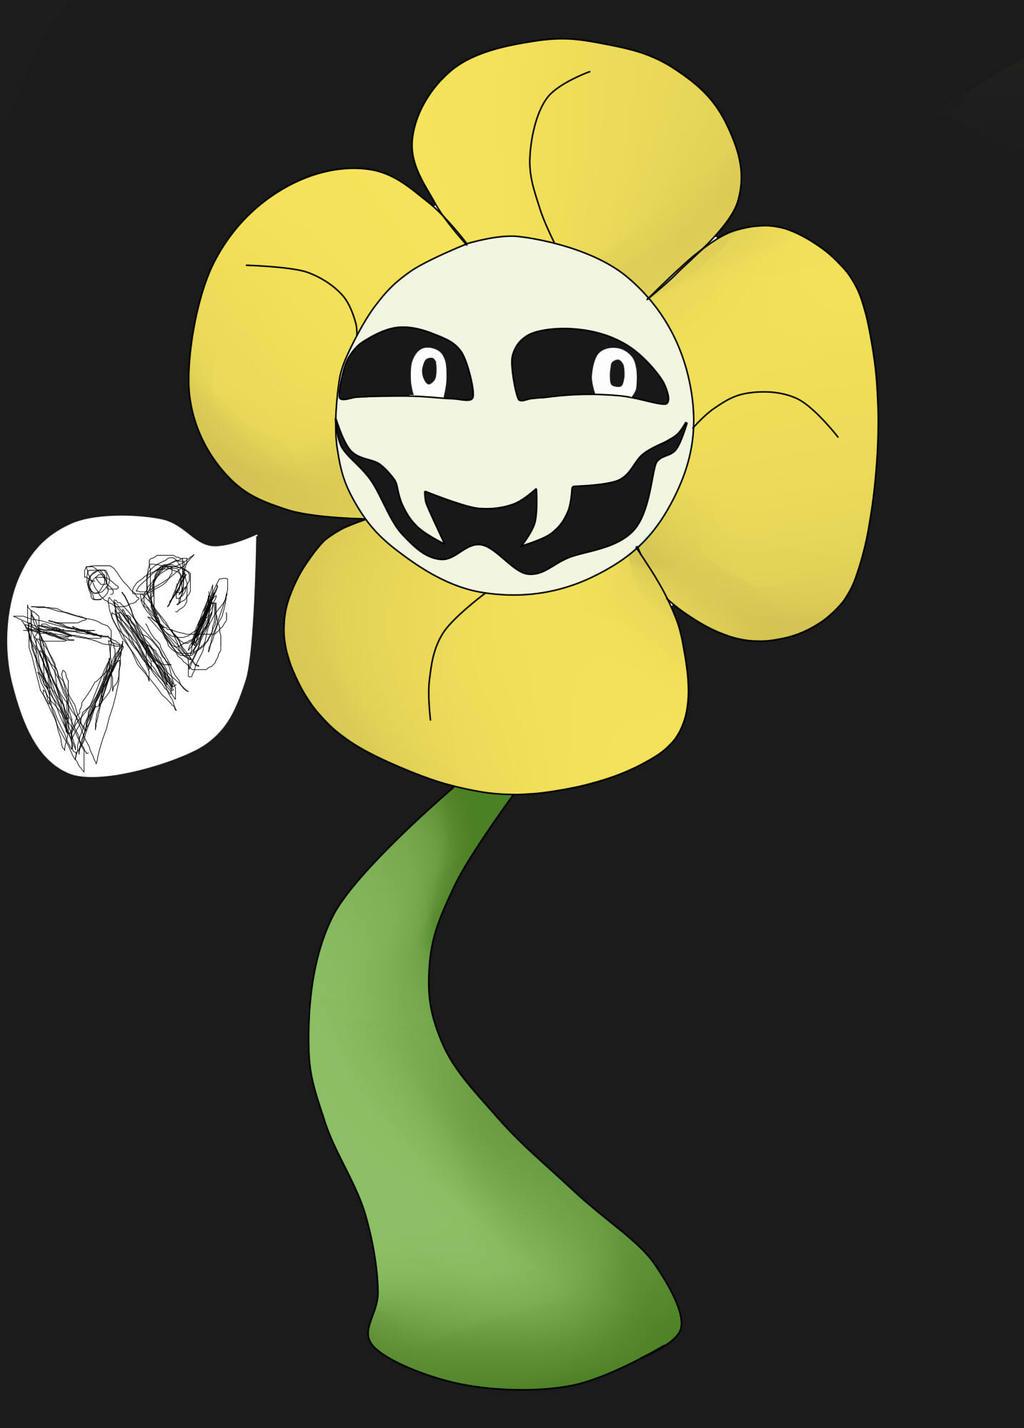 Flowey The Flower by conishunfan on DeviantArt